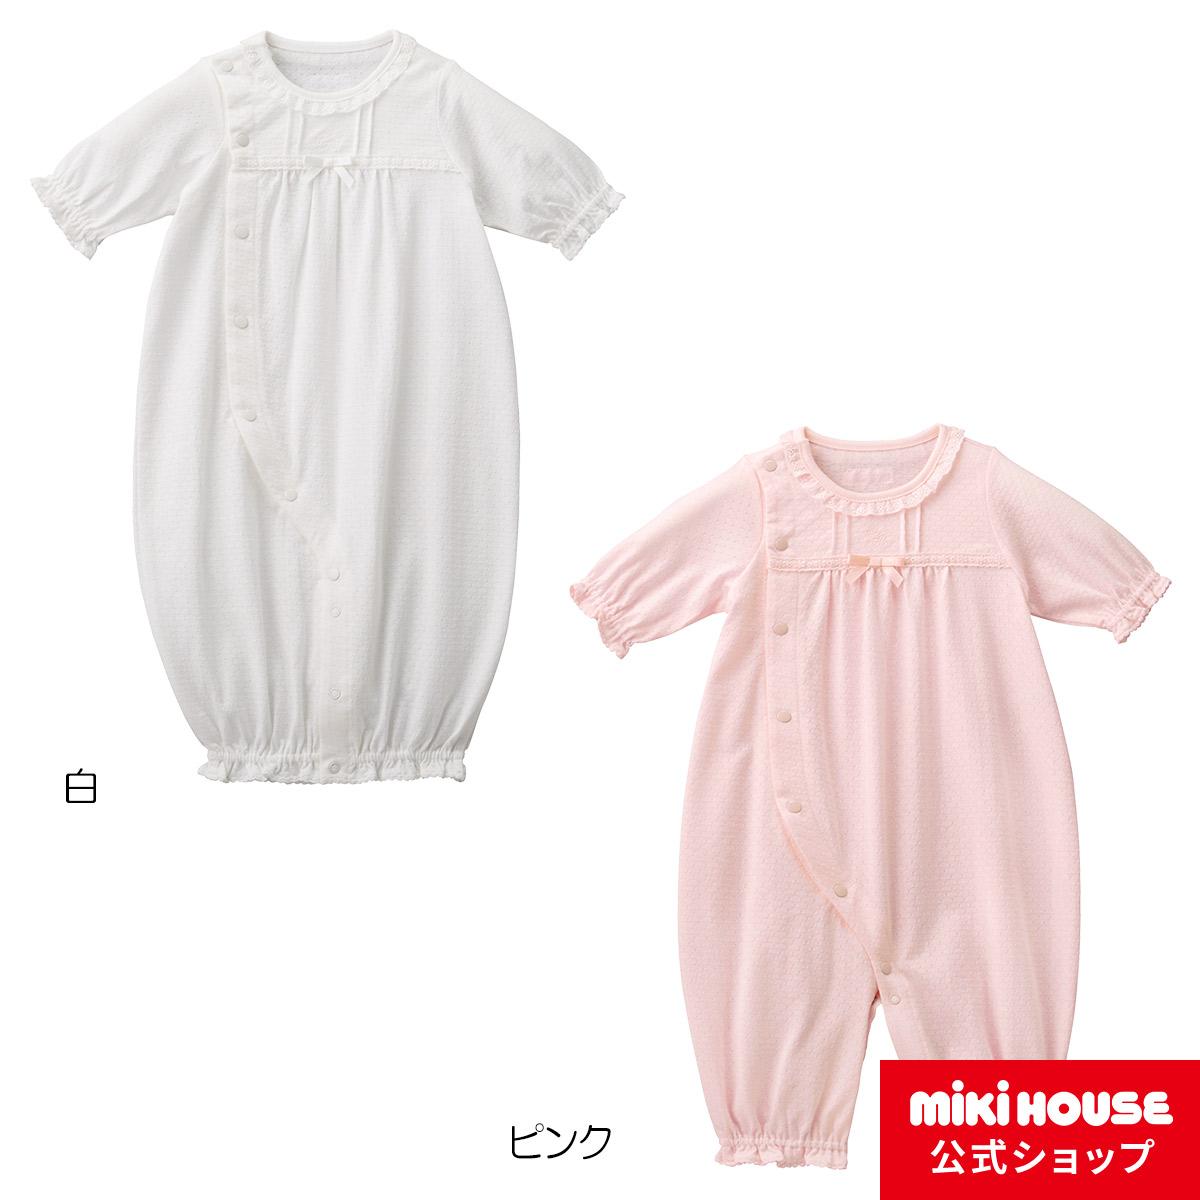 ミキハウス mikihouse 爽やか透かし編みツーウェイミニ(50cm-60cm) ベビー服 子供服 赤ちゃん 女の子 男の子 日本製